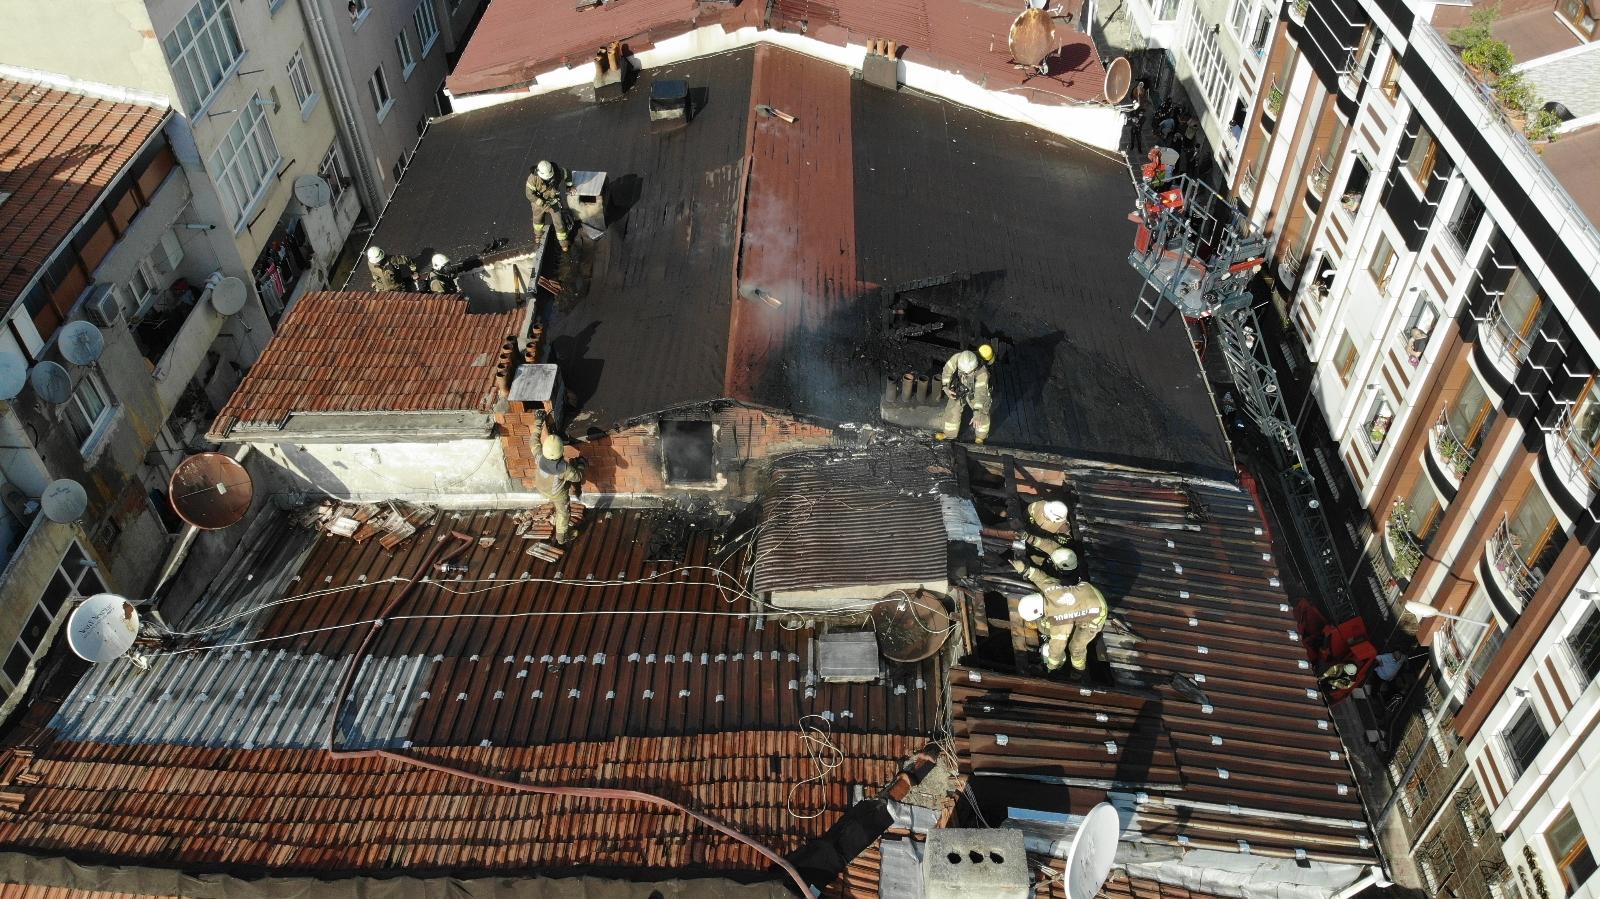 Bayrampaşa'da Bir Binanın Çatısında Çıkan Yangında 100 Güvercin Telef Oldu